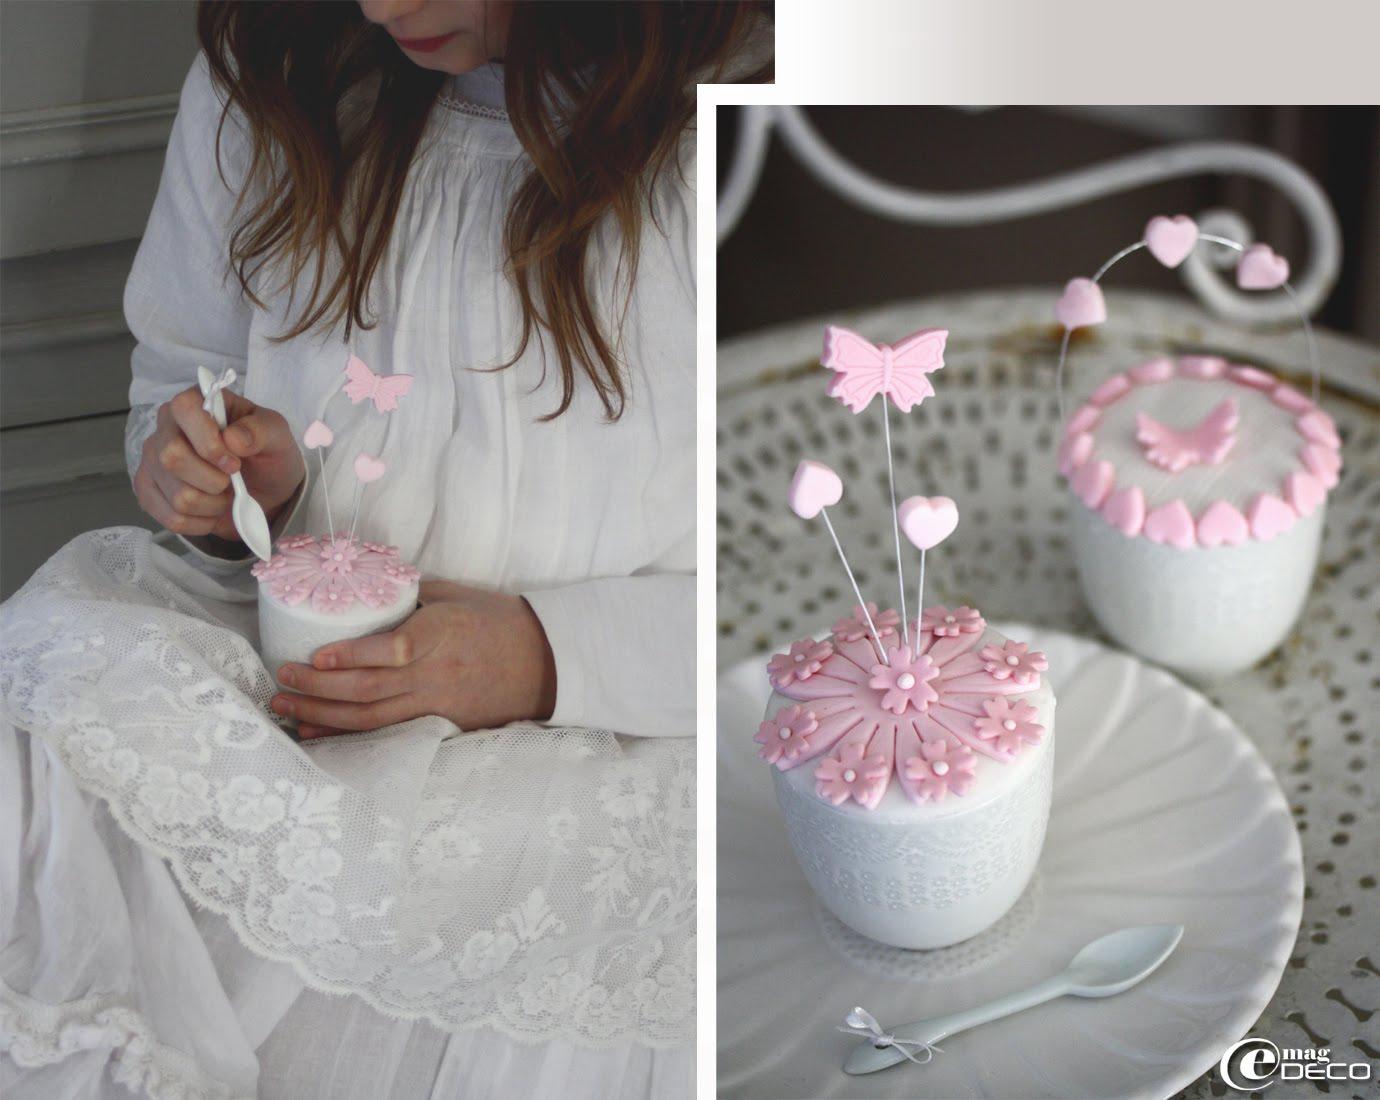 Plusieurs propositions de décor de cupcakes en pâte à sucre, création Nina Couto